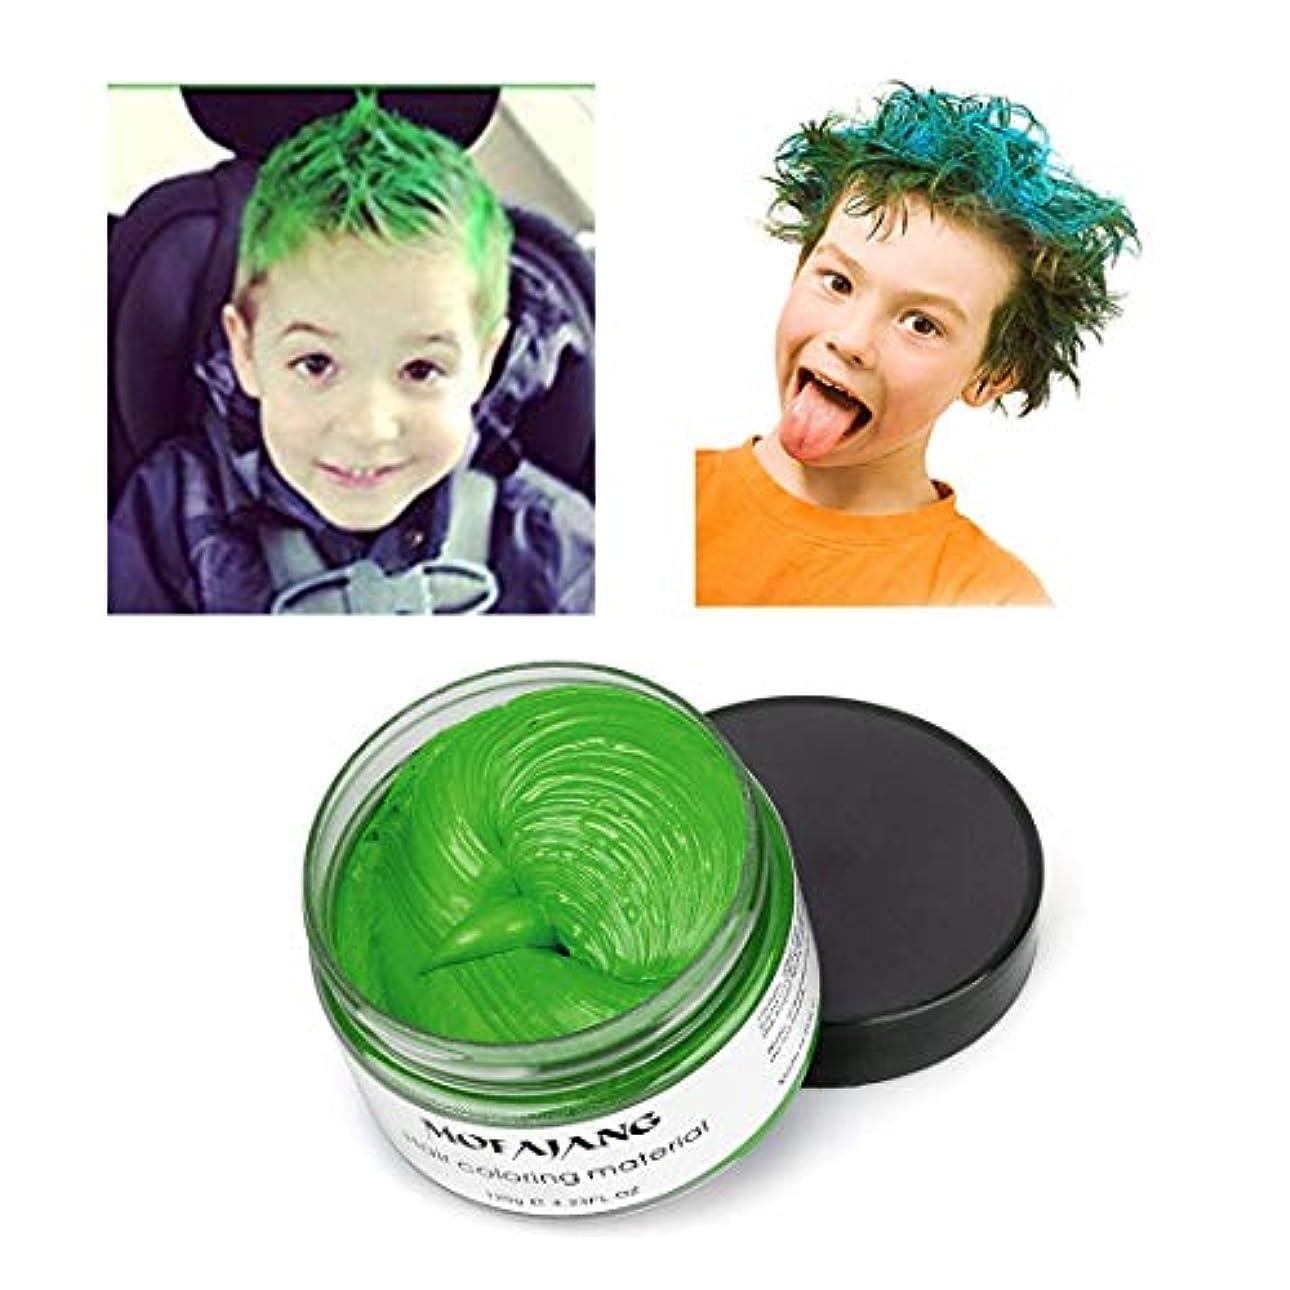 パトワ有益メタン髪色ワックス,一度だけ一時的に自然色染料ヘアワックスをモデリング,パーティーのための自然なマット髪型。コスプレ、仮装、ナイトクラブ、ハロウィーン (グリーン)